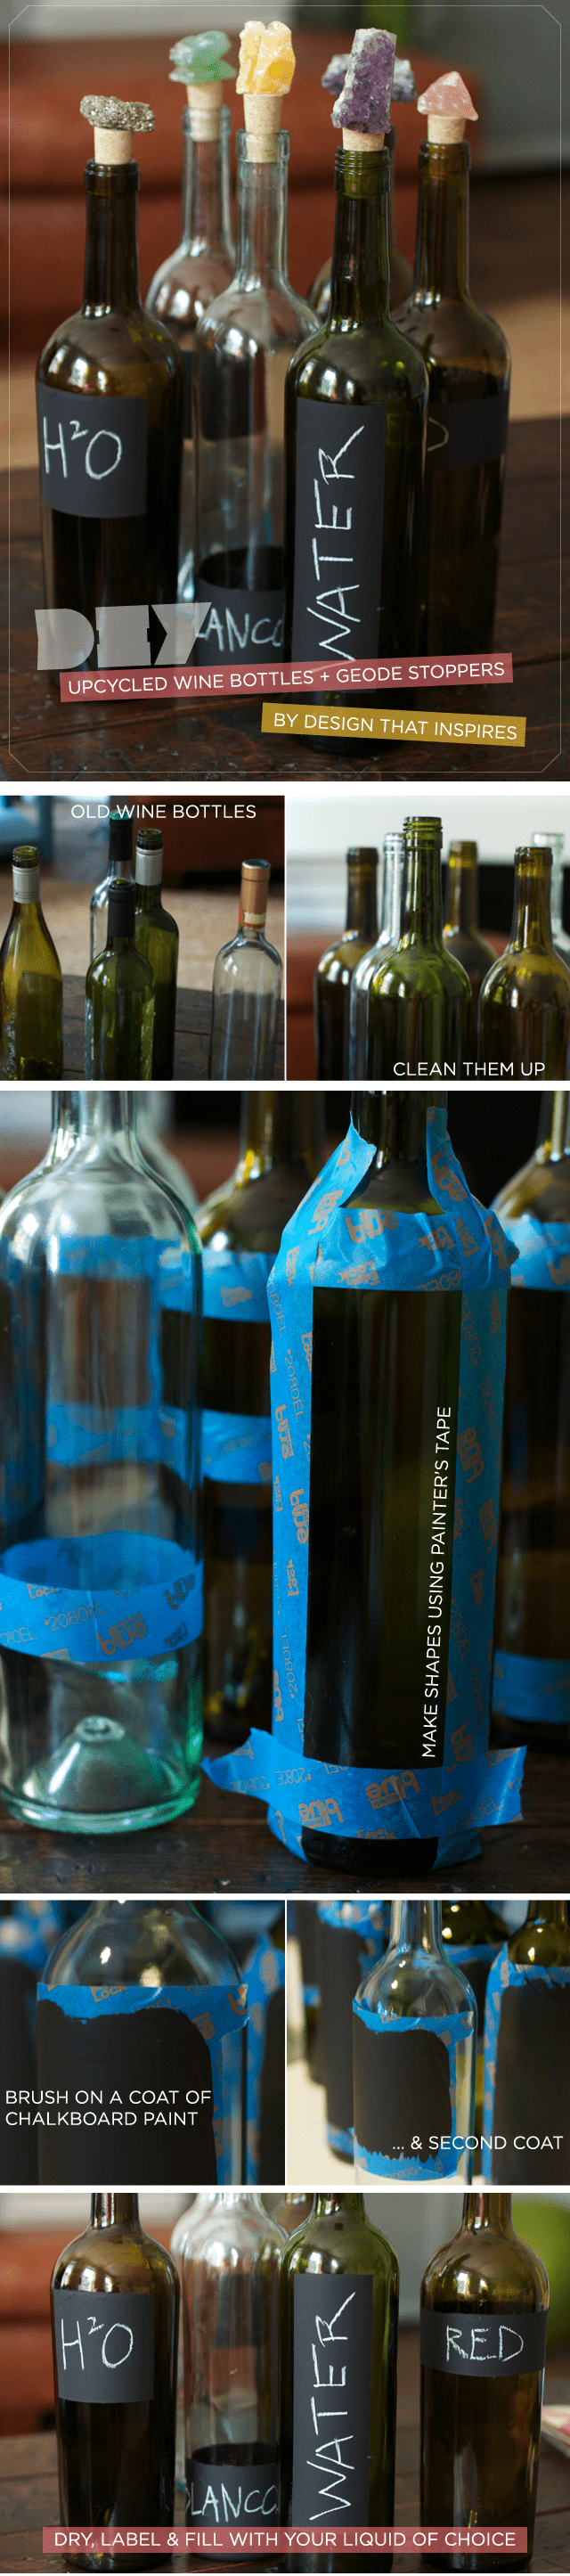 chalkboard labels for wine bottles